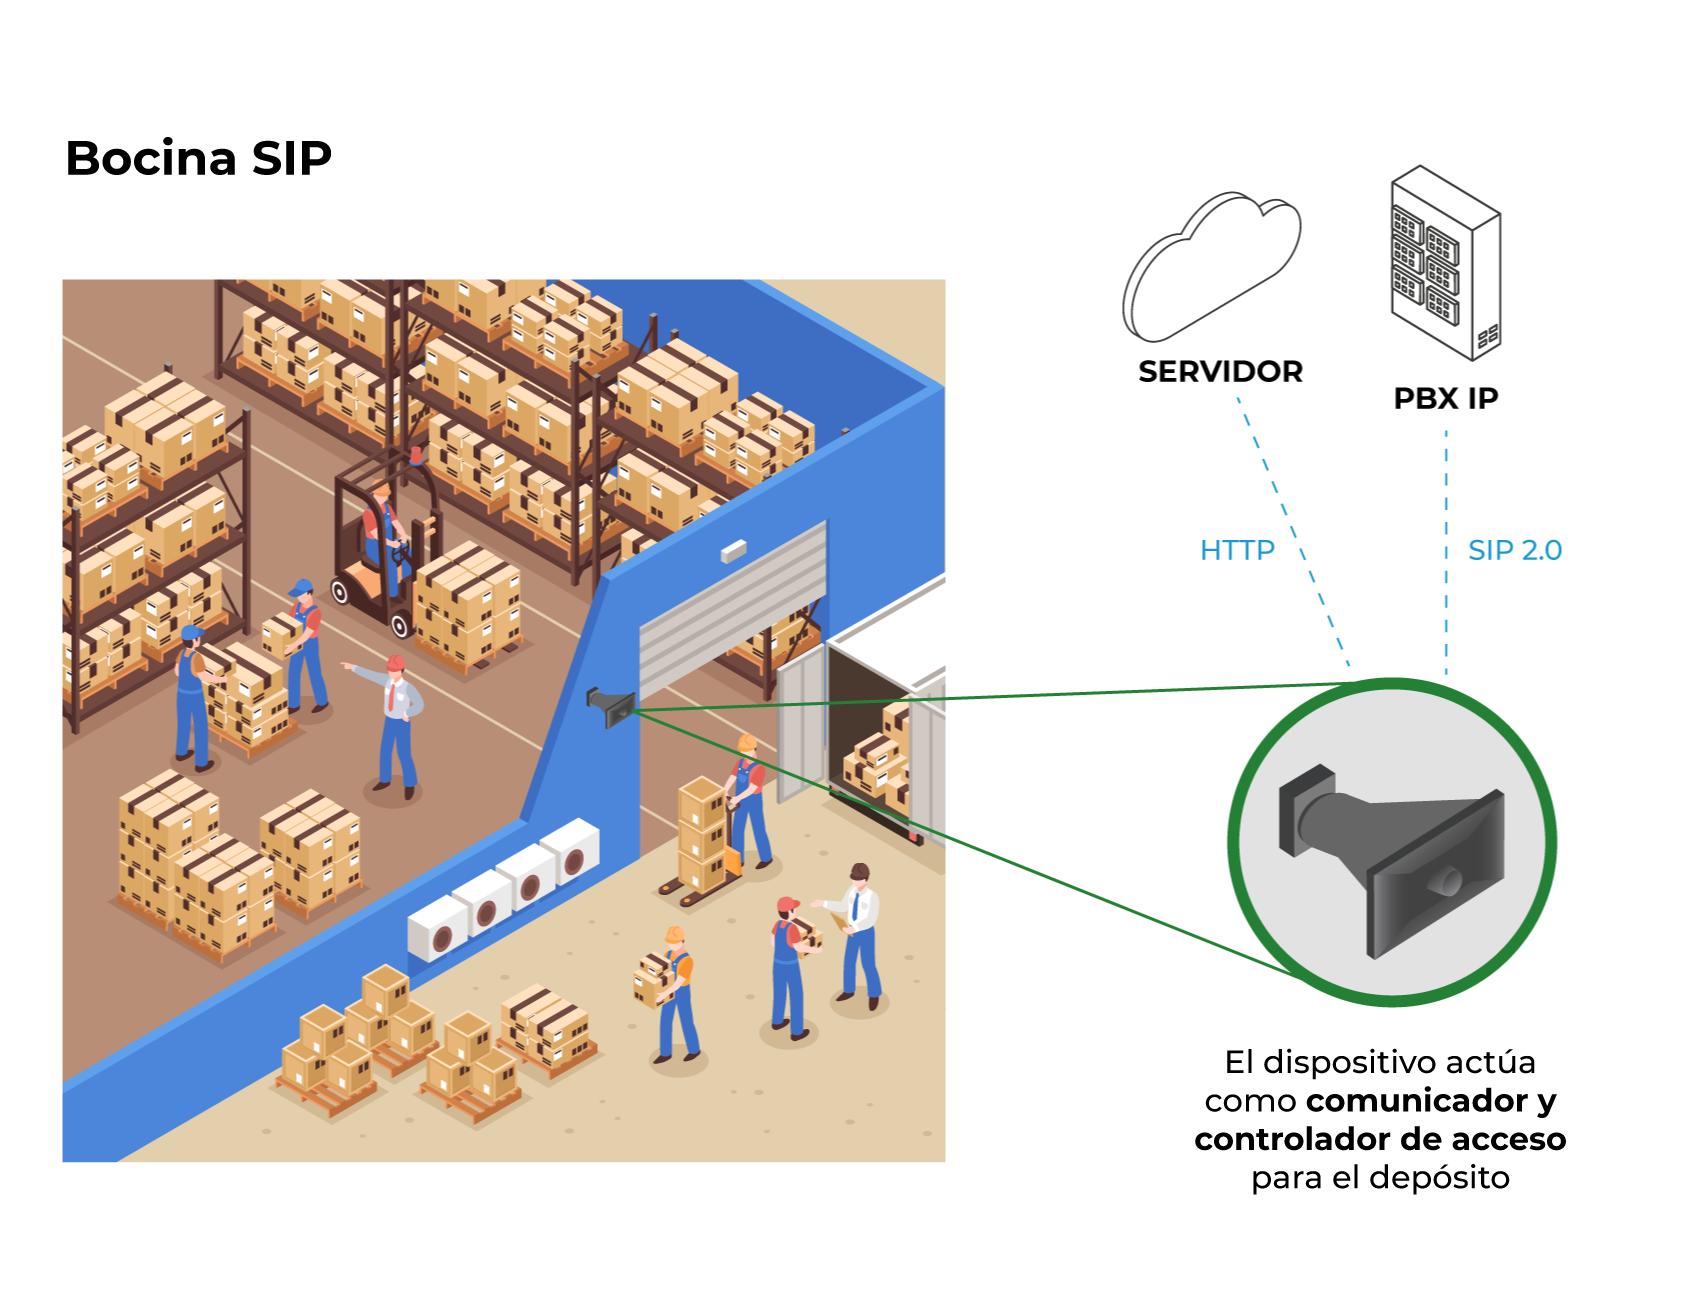 Modelo de Aplicación - Bocina SIP